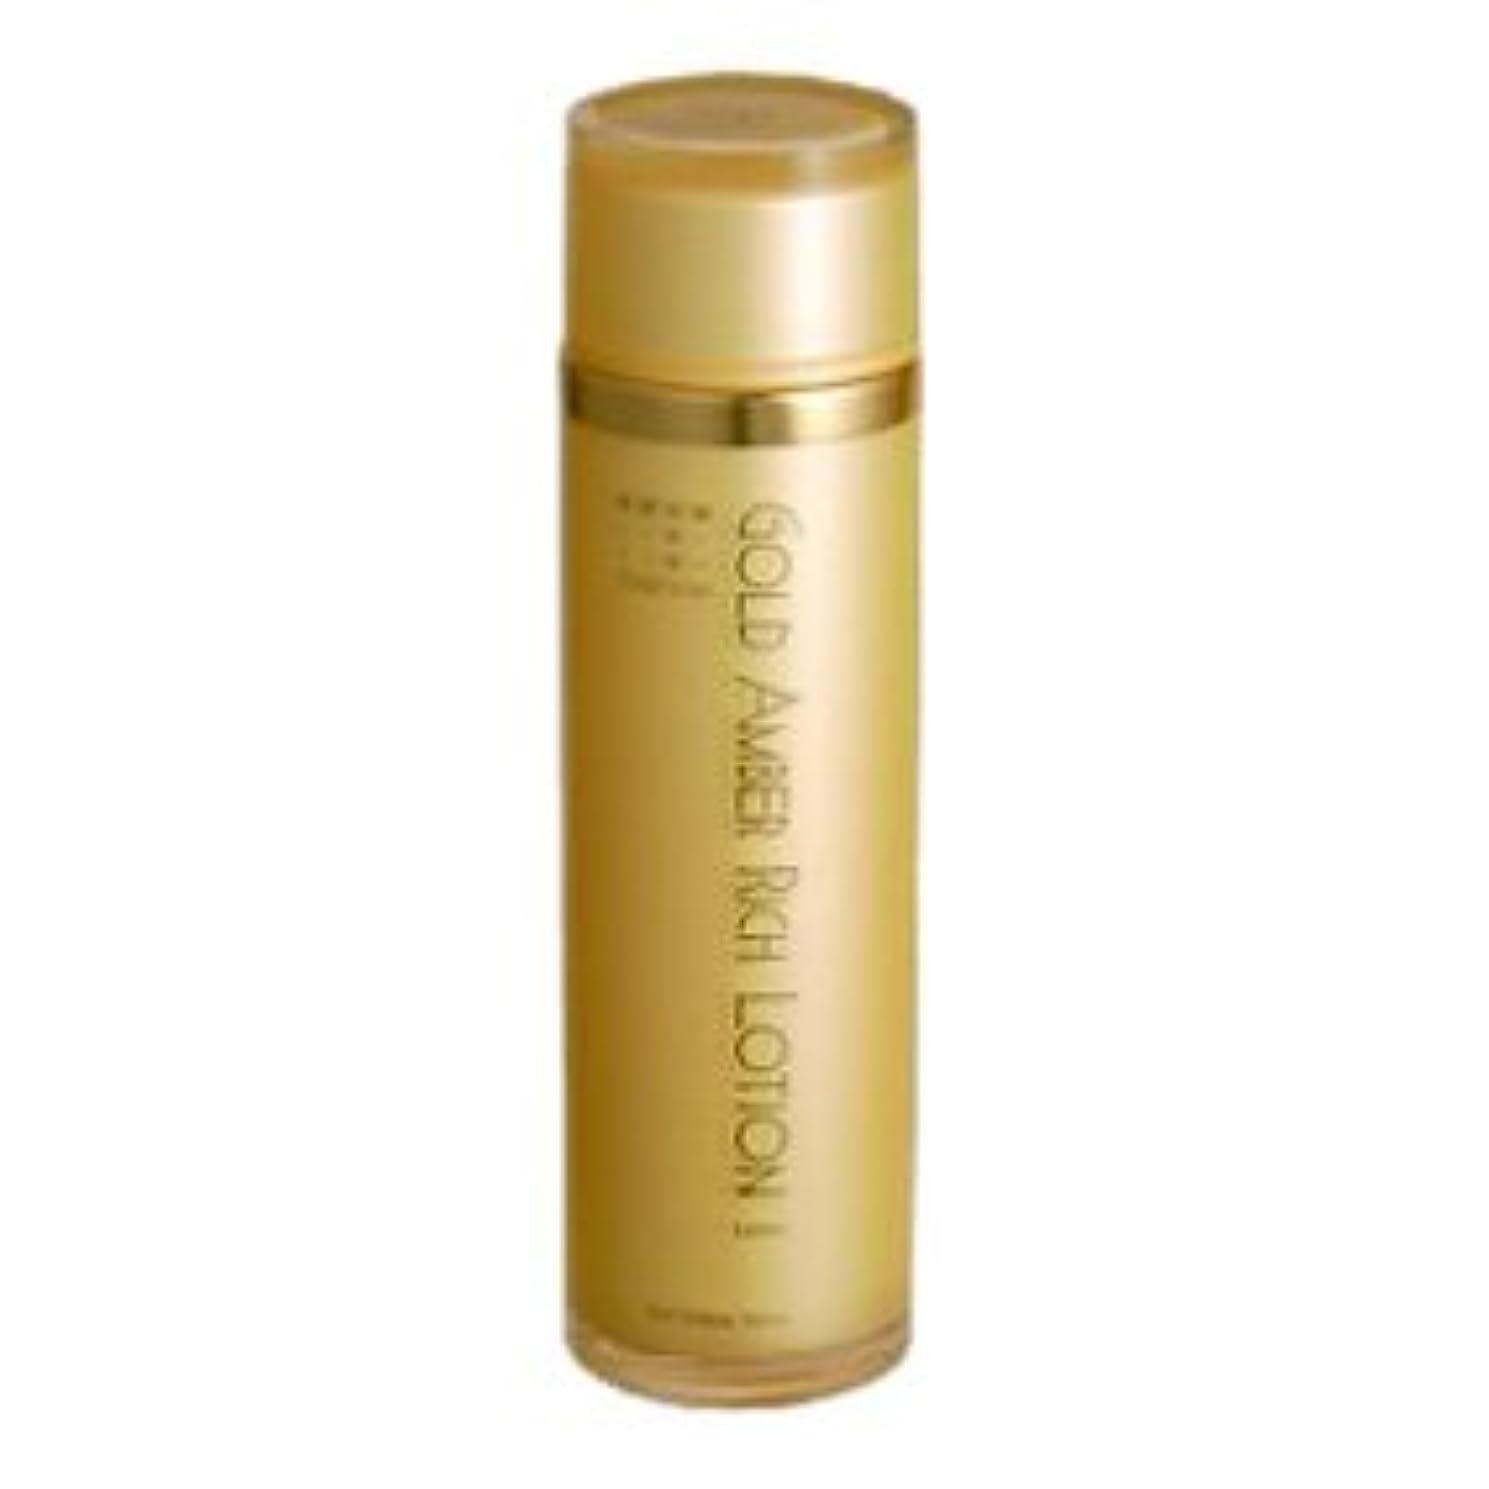 好み偽善者浮くコスメプラウド ゴールドアンバーリッチローション120ml(化粧水)